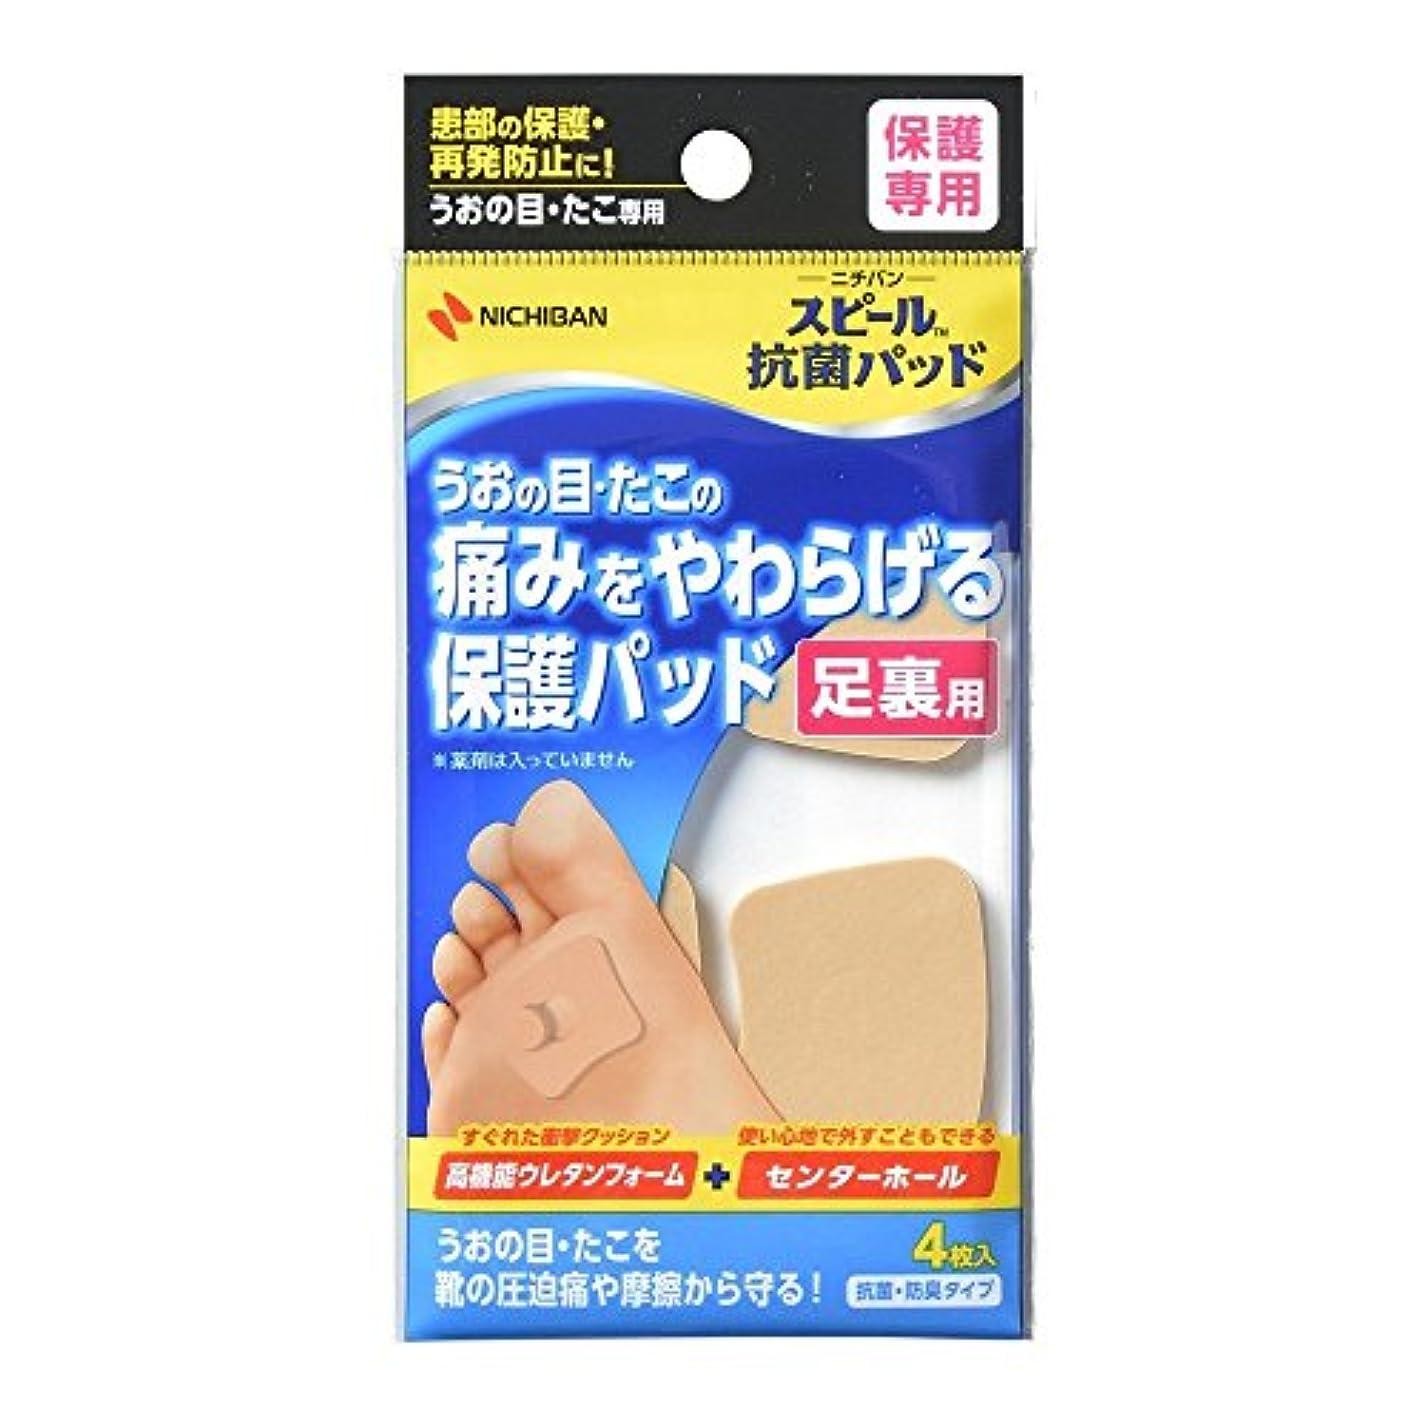 連帯暖かくかんがい【ニチバン】スピール抗菌パッド 足裏用 SPPAU 4枚 ×3個セット